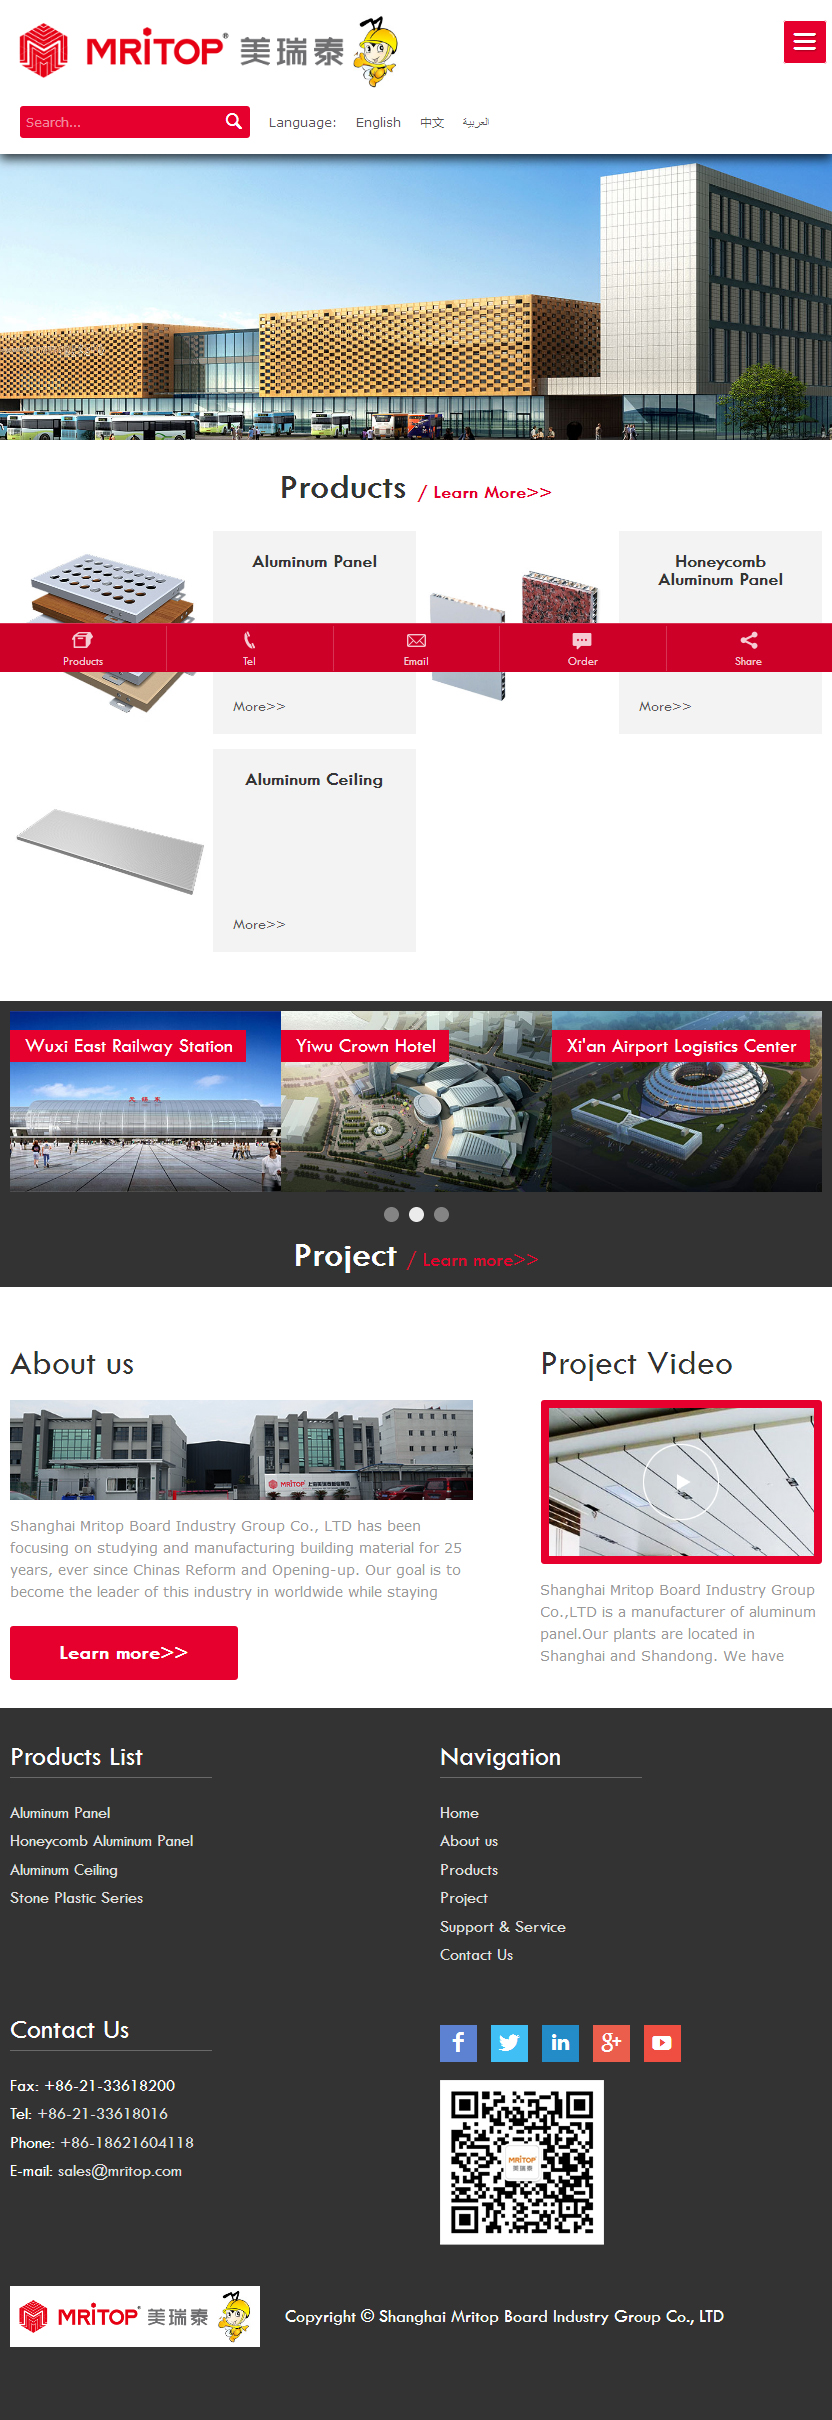 美瑞泰室内设计工程建筑材料英文网站案例